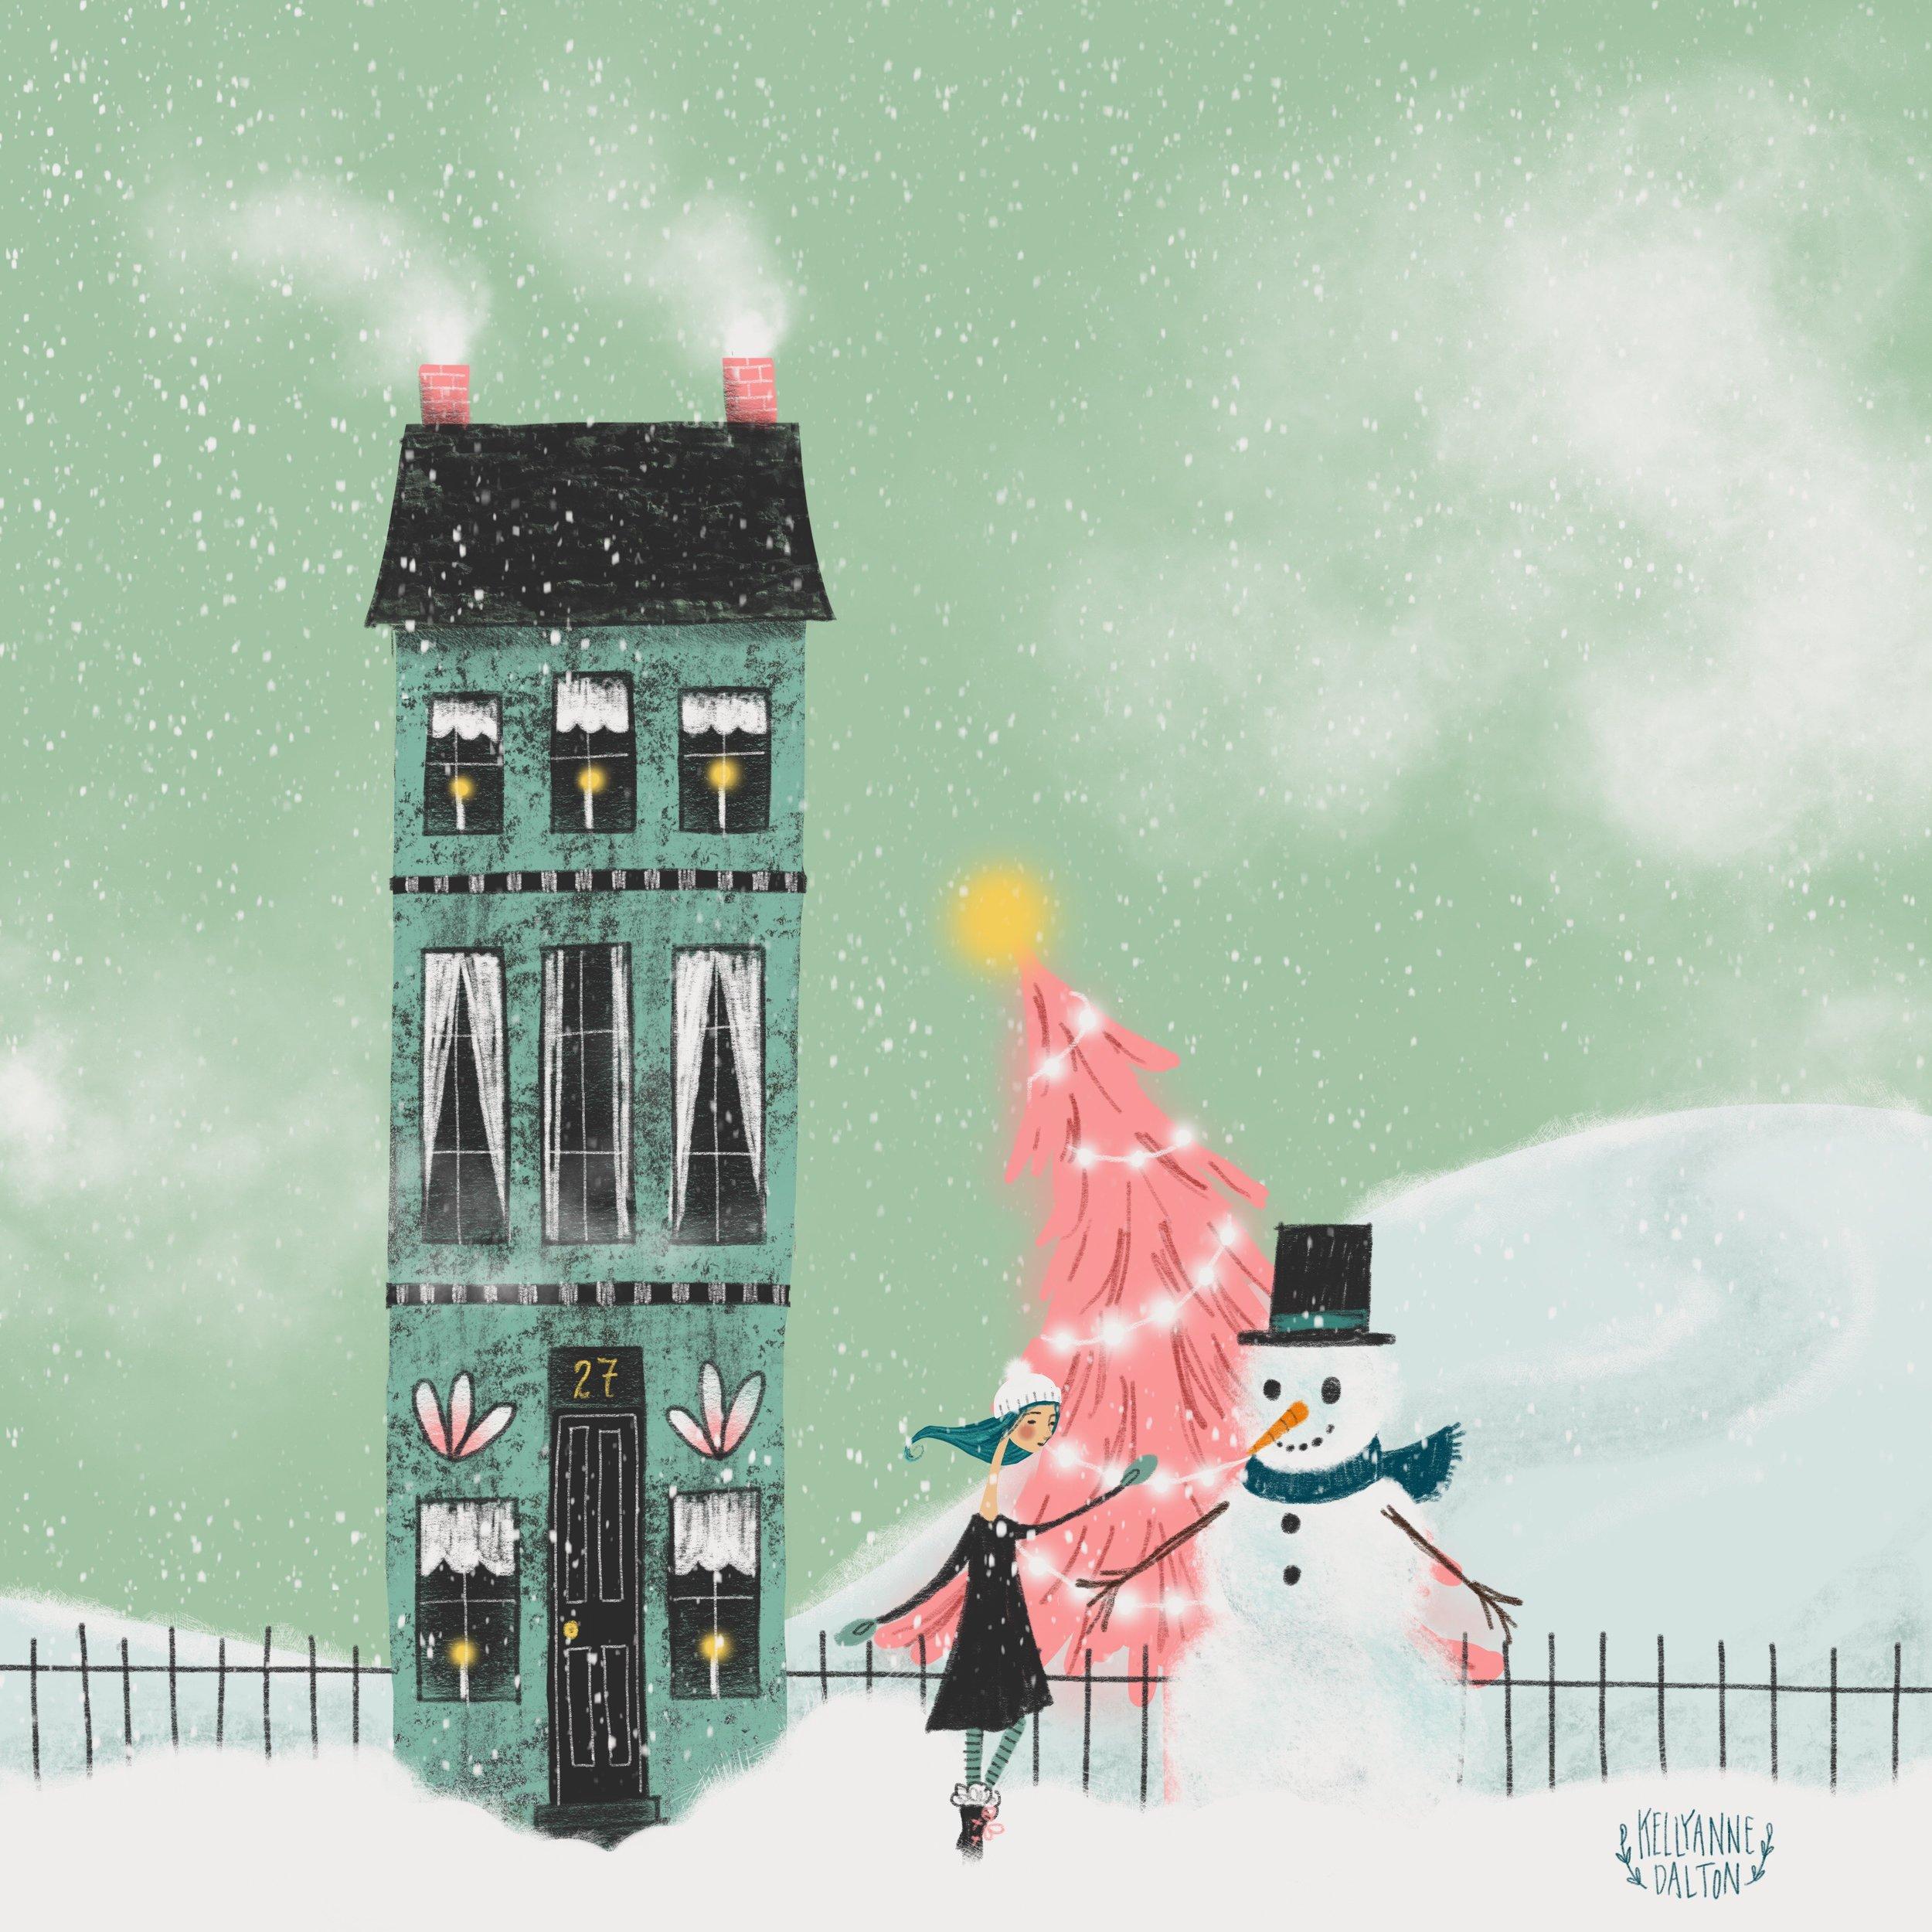 snowmandaltonabbey